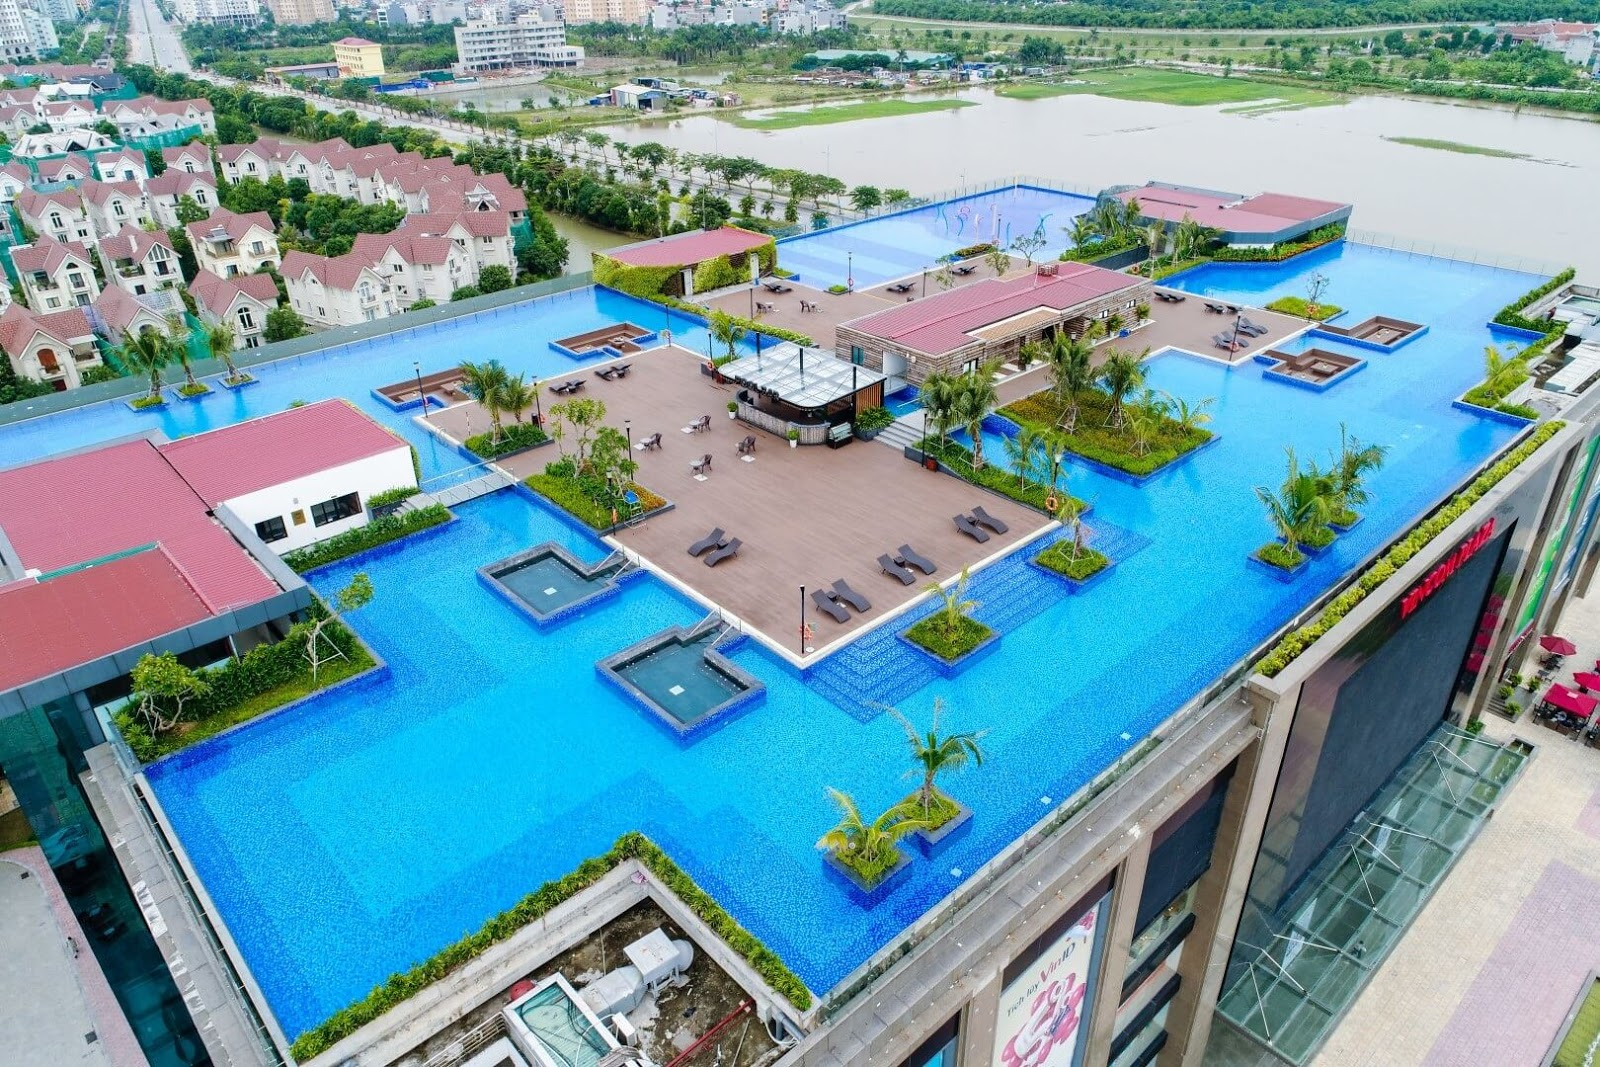 Nơi đây có bể bơi vô cực lớn nhất Long Biên.